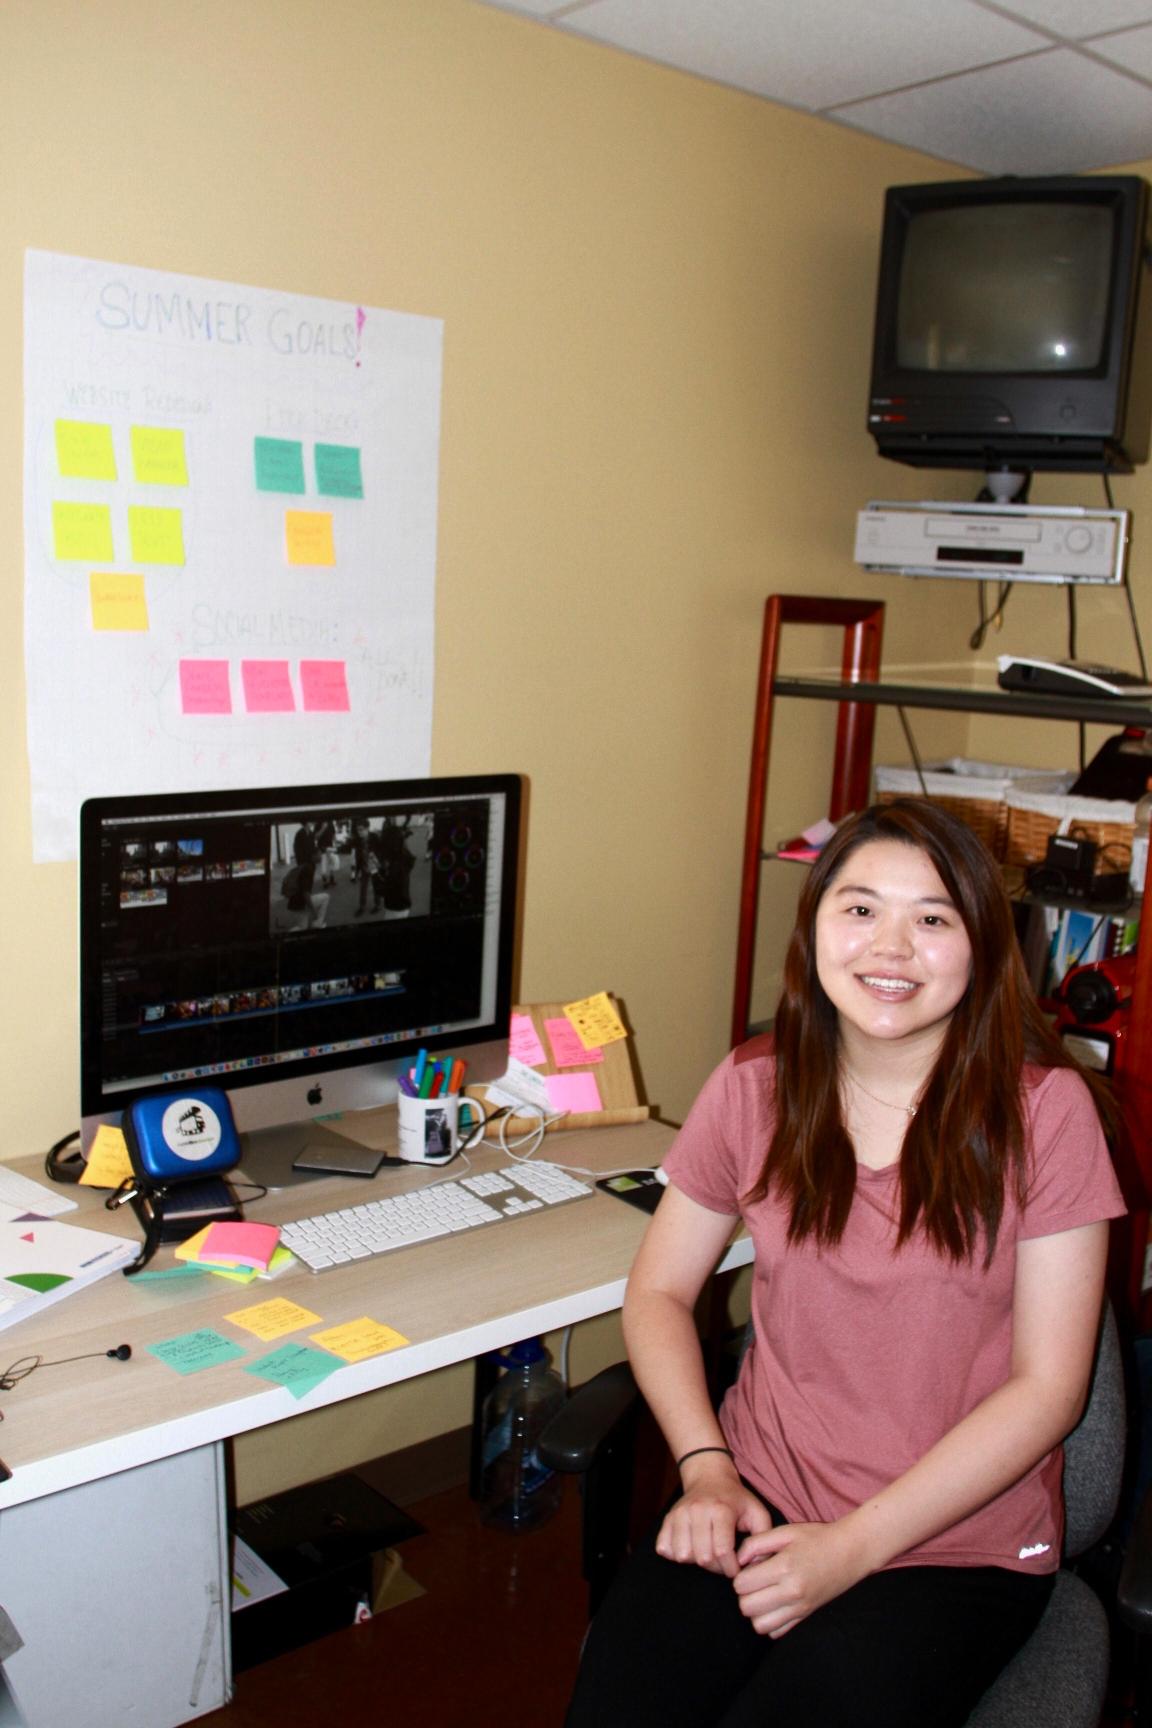 Winnie learning Final Cut Pro X.